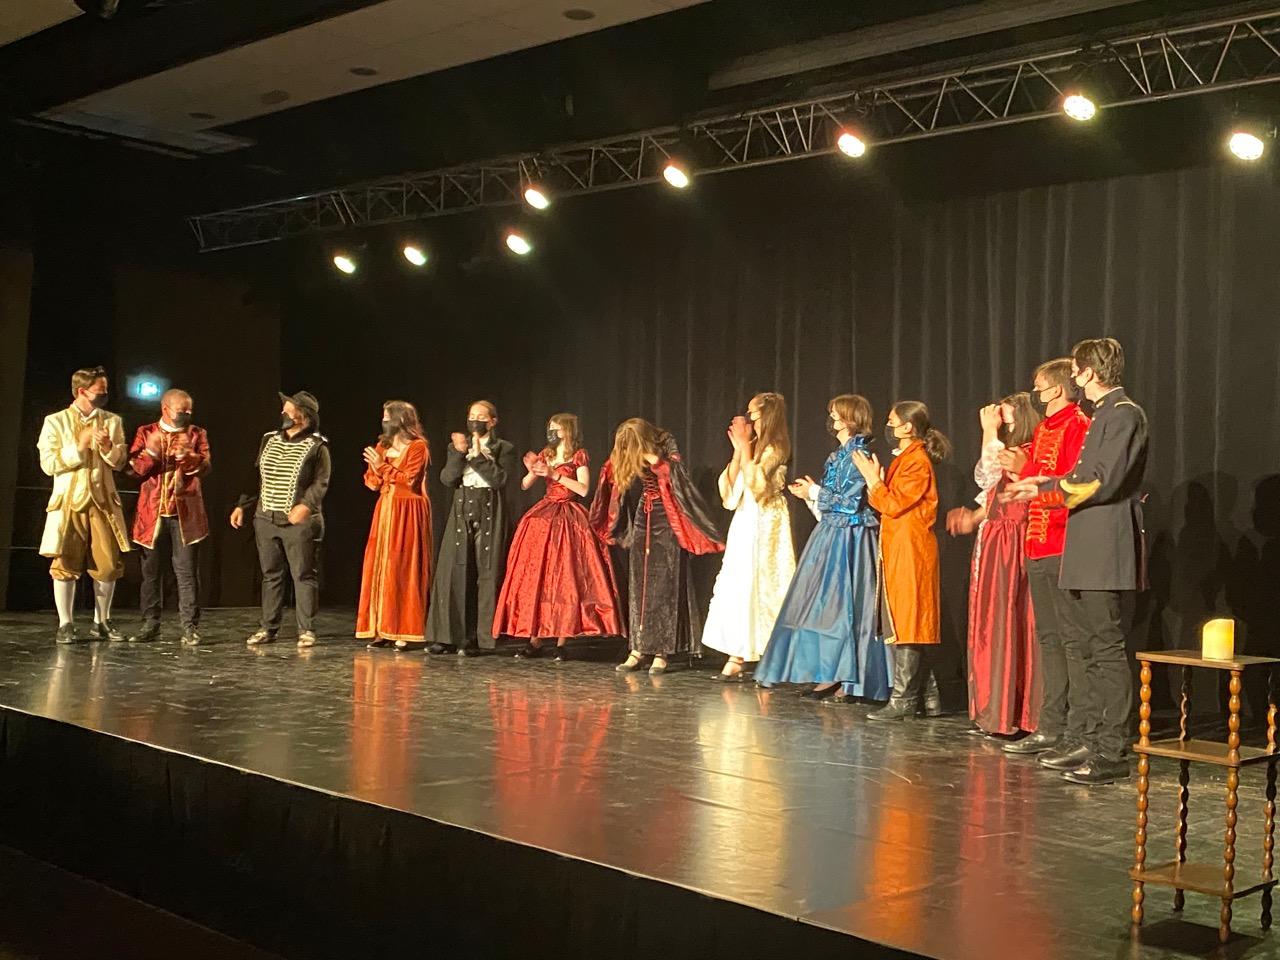 Représentation théâtrale « Répliques en scène » par nos élèves de 3ème bleu du club théâtre